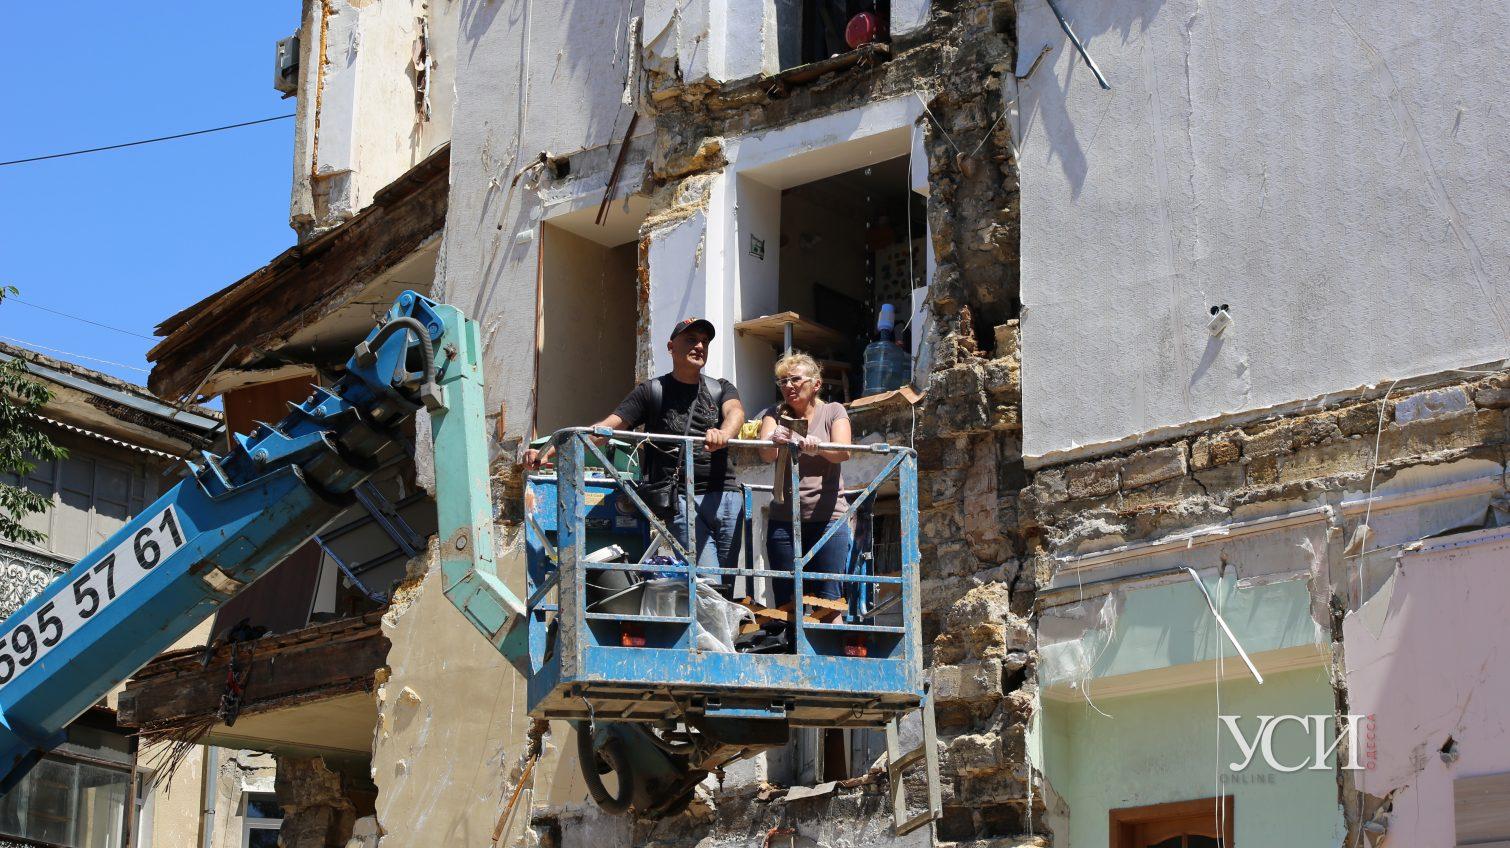 Жильцы рухнувшего дома на Торговой до сих пор вывозят вещи: у них там осталась часть жизни, а компенсацию пока ждут (фото) «фото»